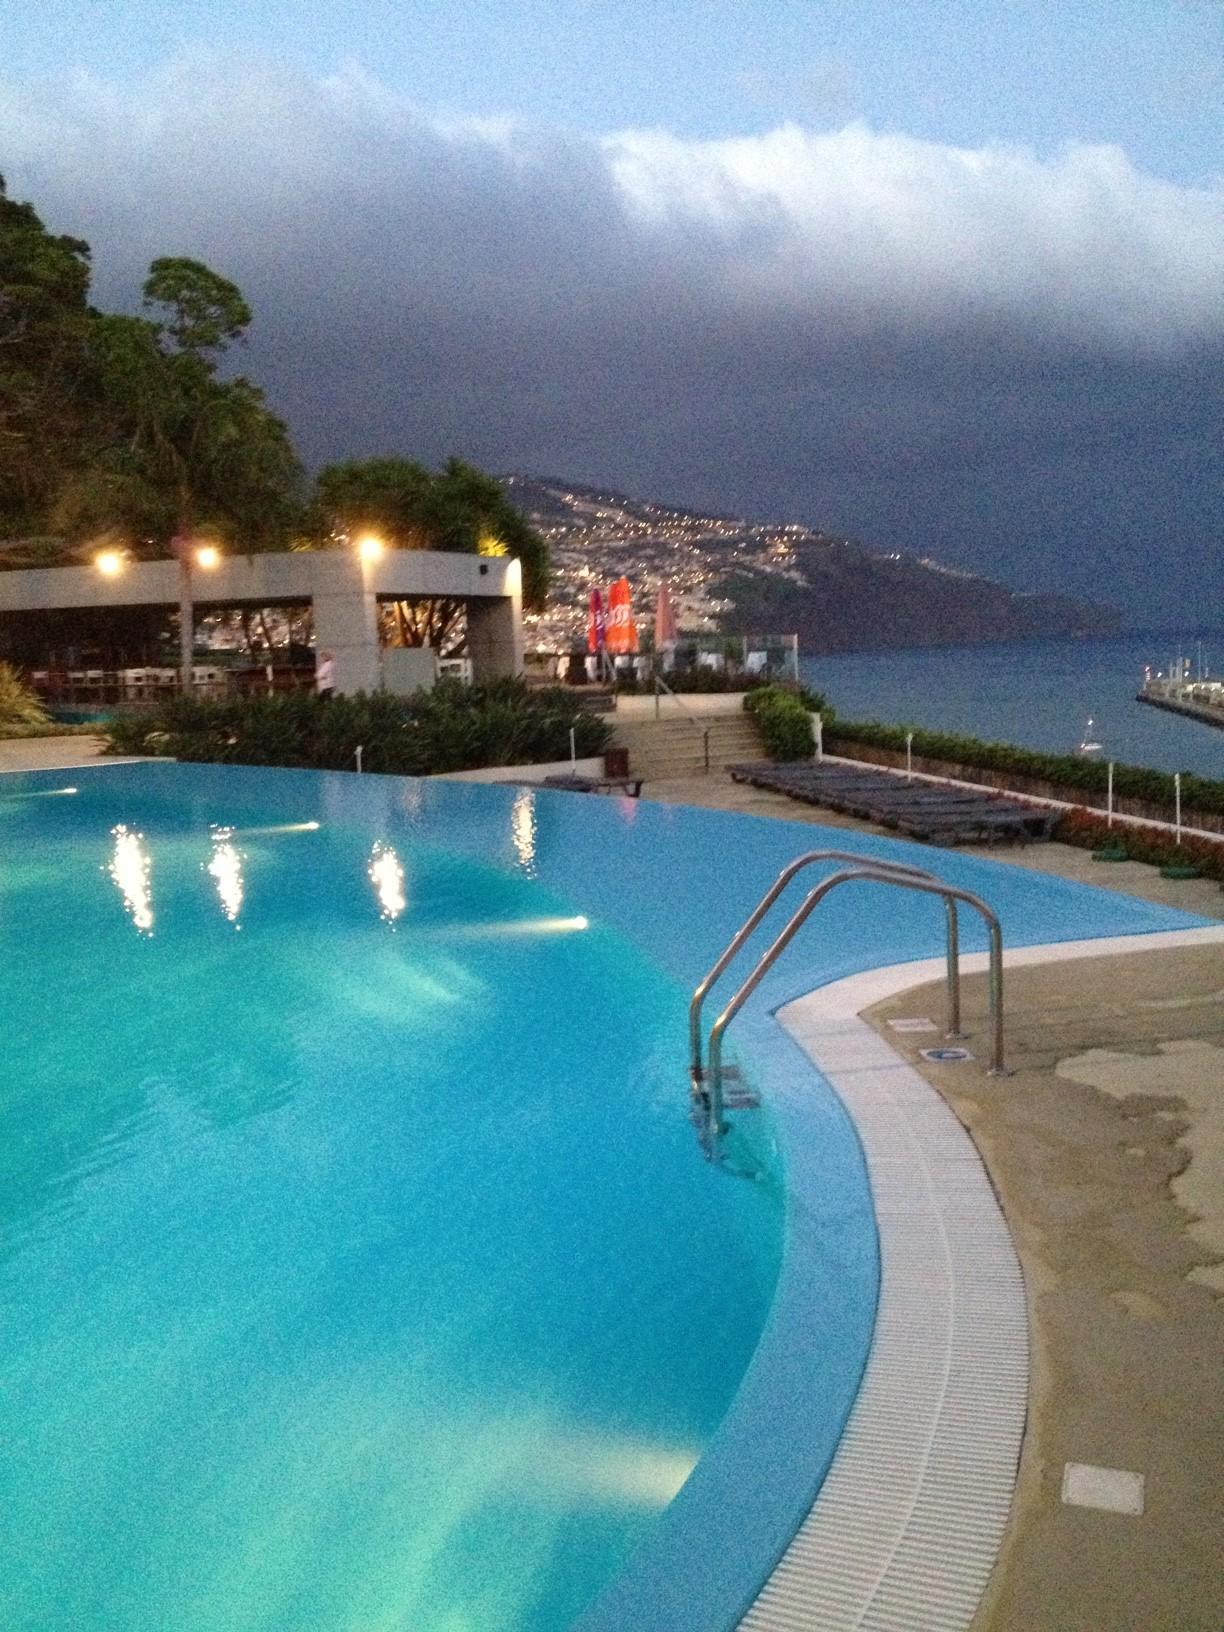 Pestana Casino Madeira